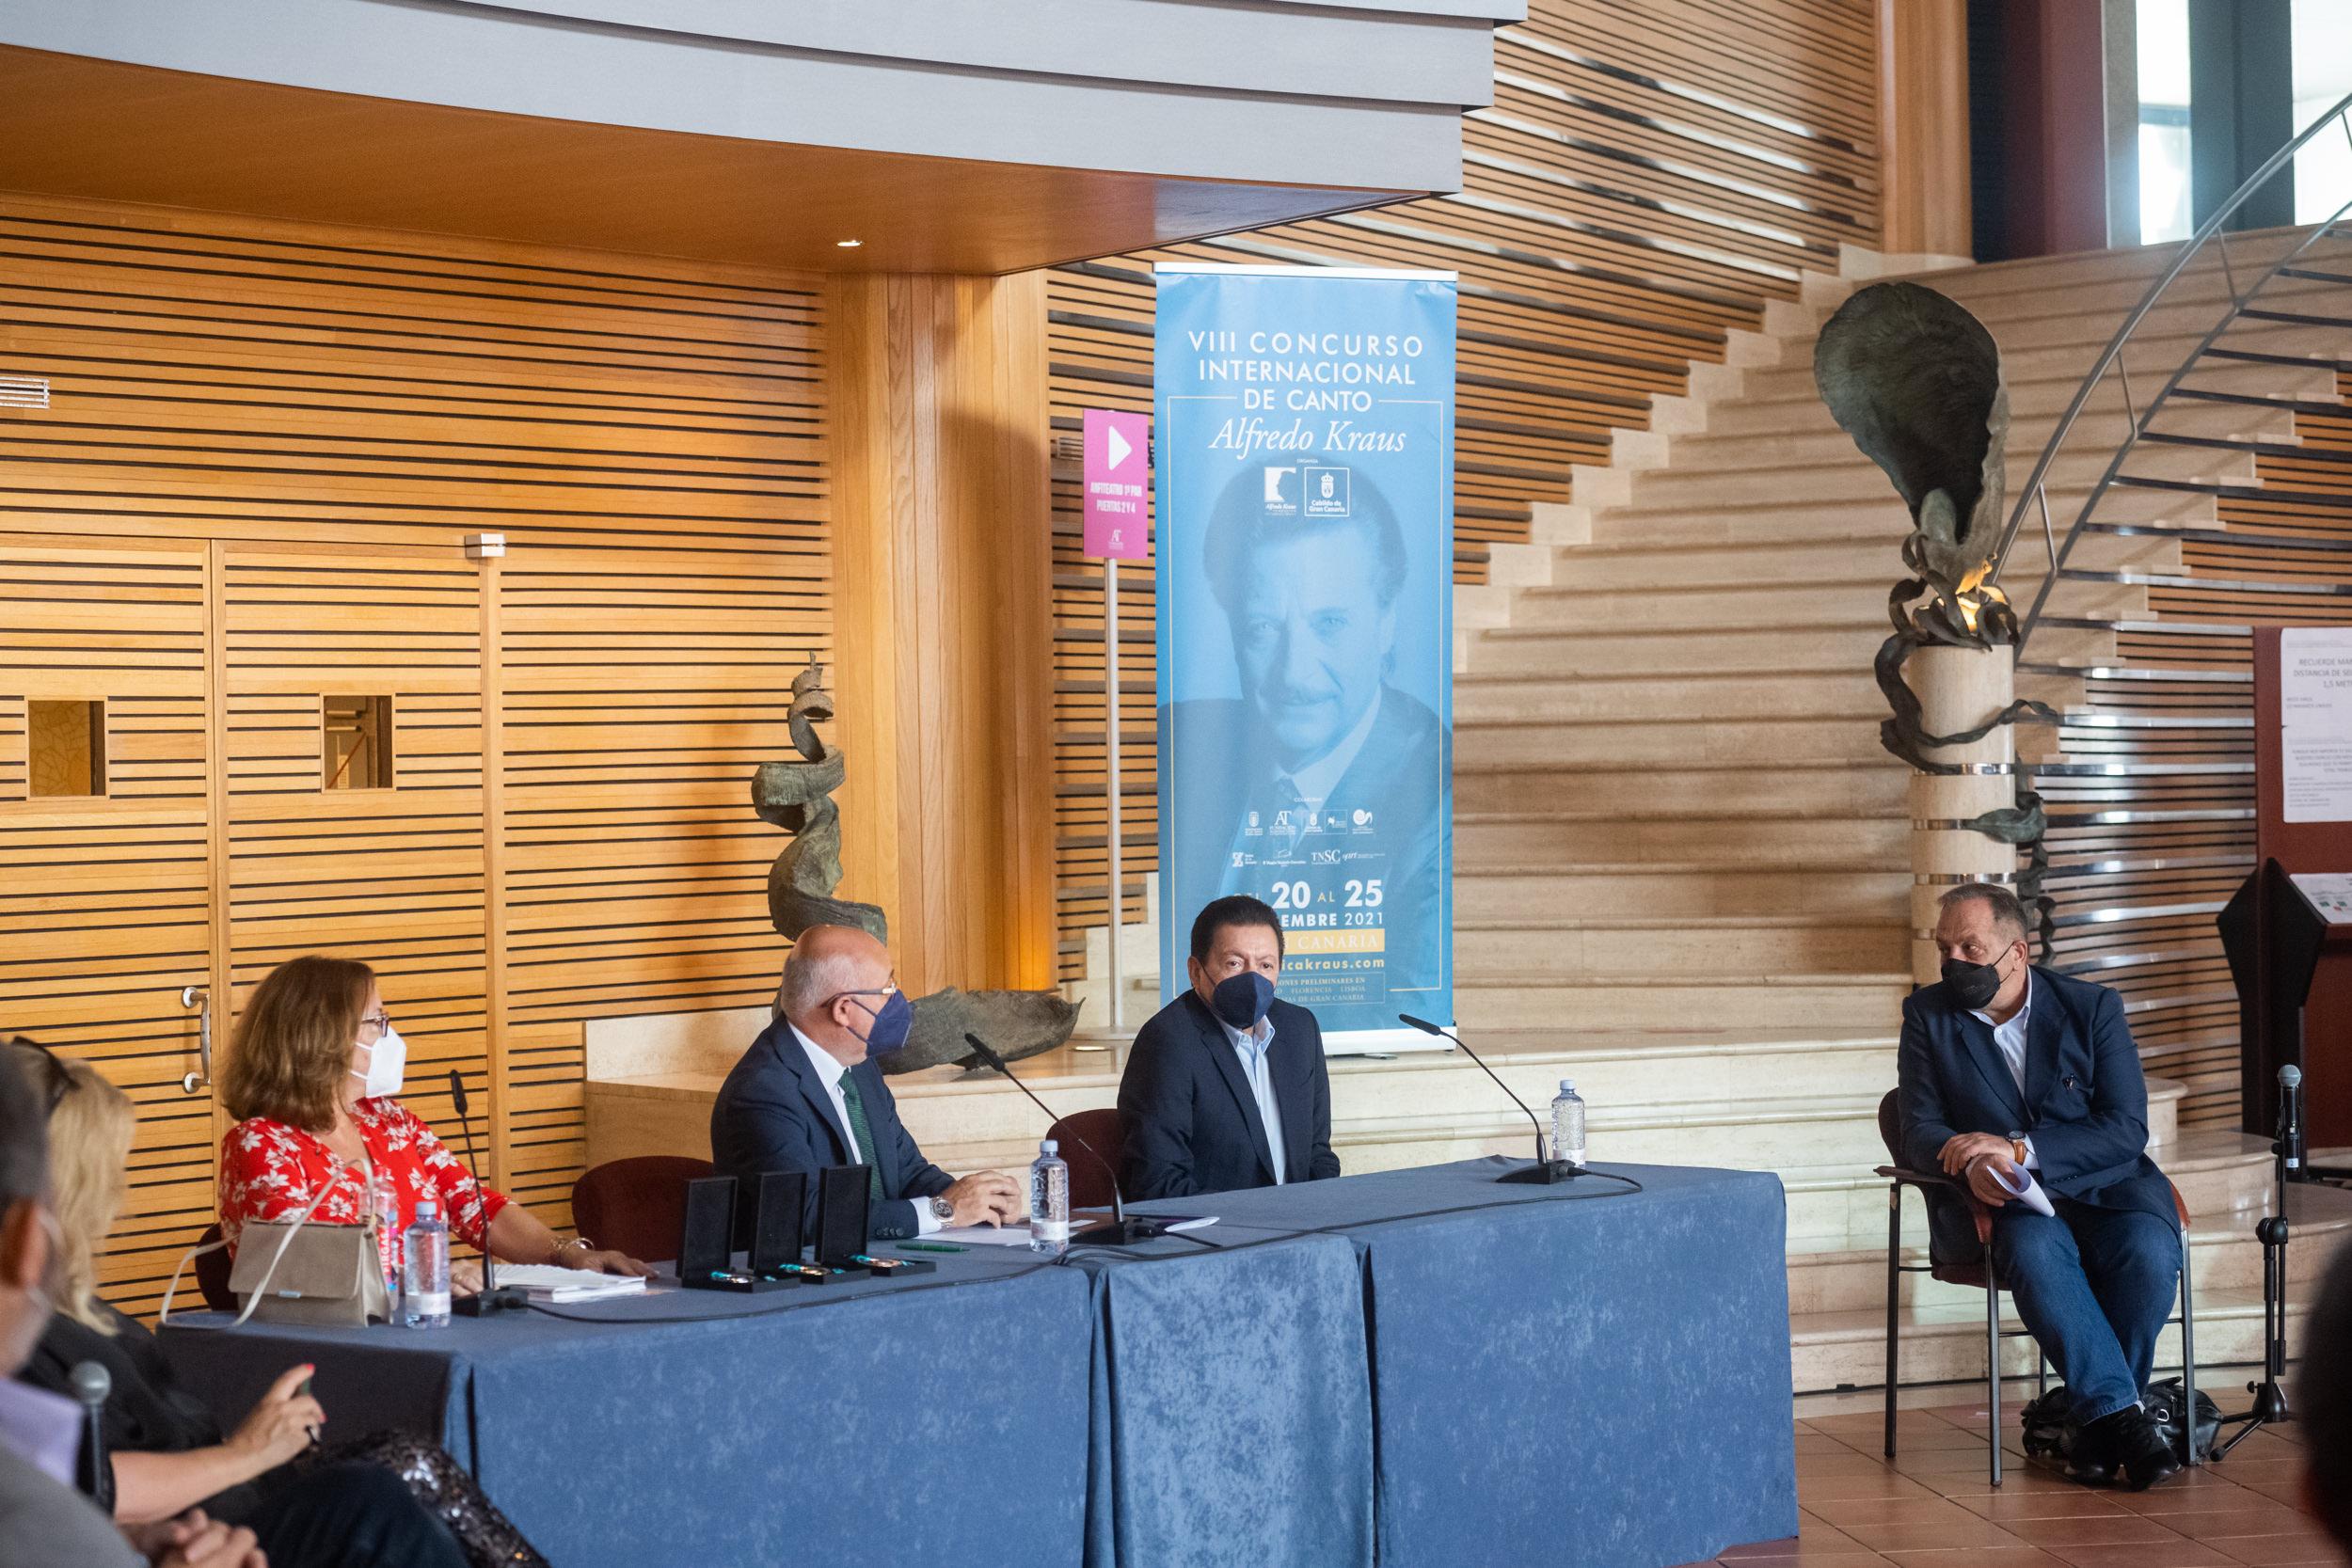 El jurado que preside el tenor mexicano Francisco Araiza dará a conocer a los premiados del VIII Concurso Internacional de Canto Alfredo Kraus en una gala con público en Gran Canaria